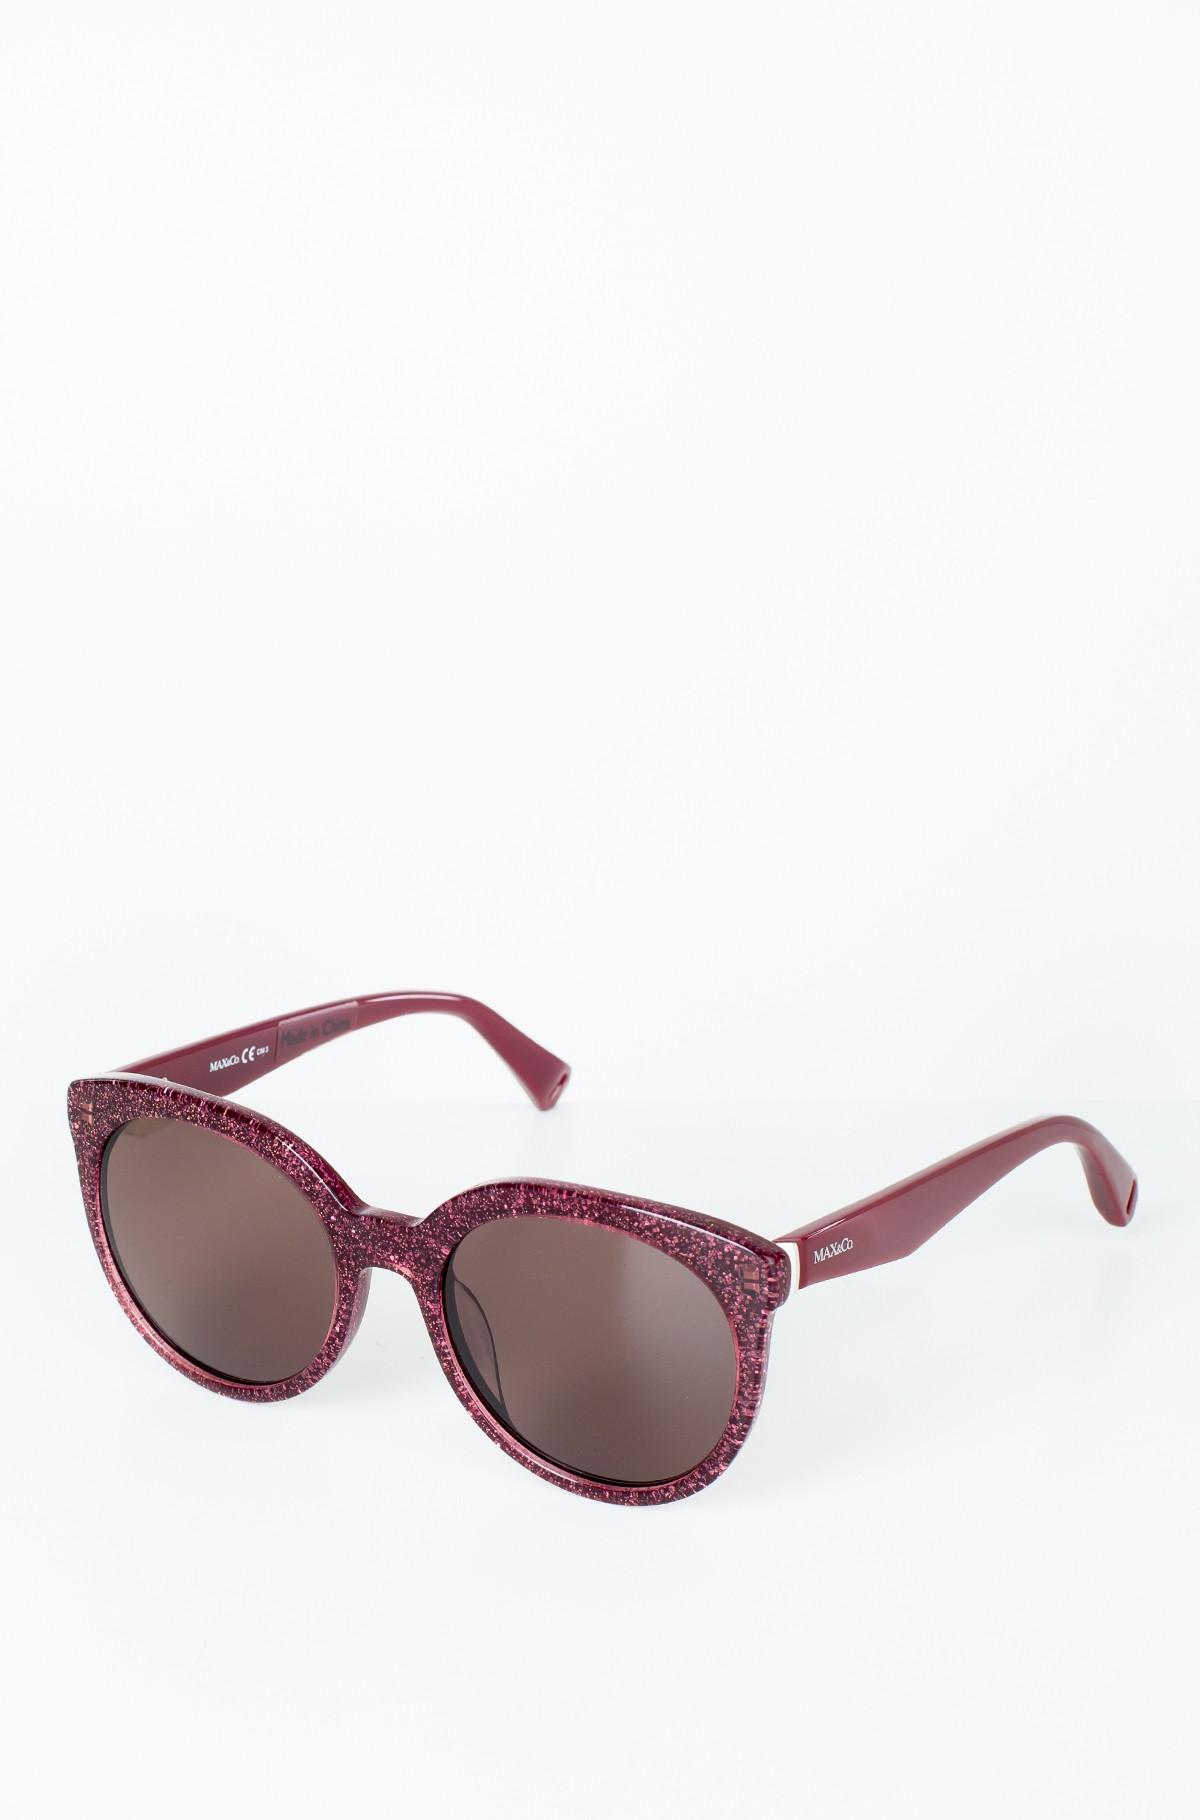 Sunglasses ONORIO-full-1